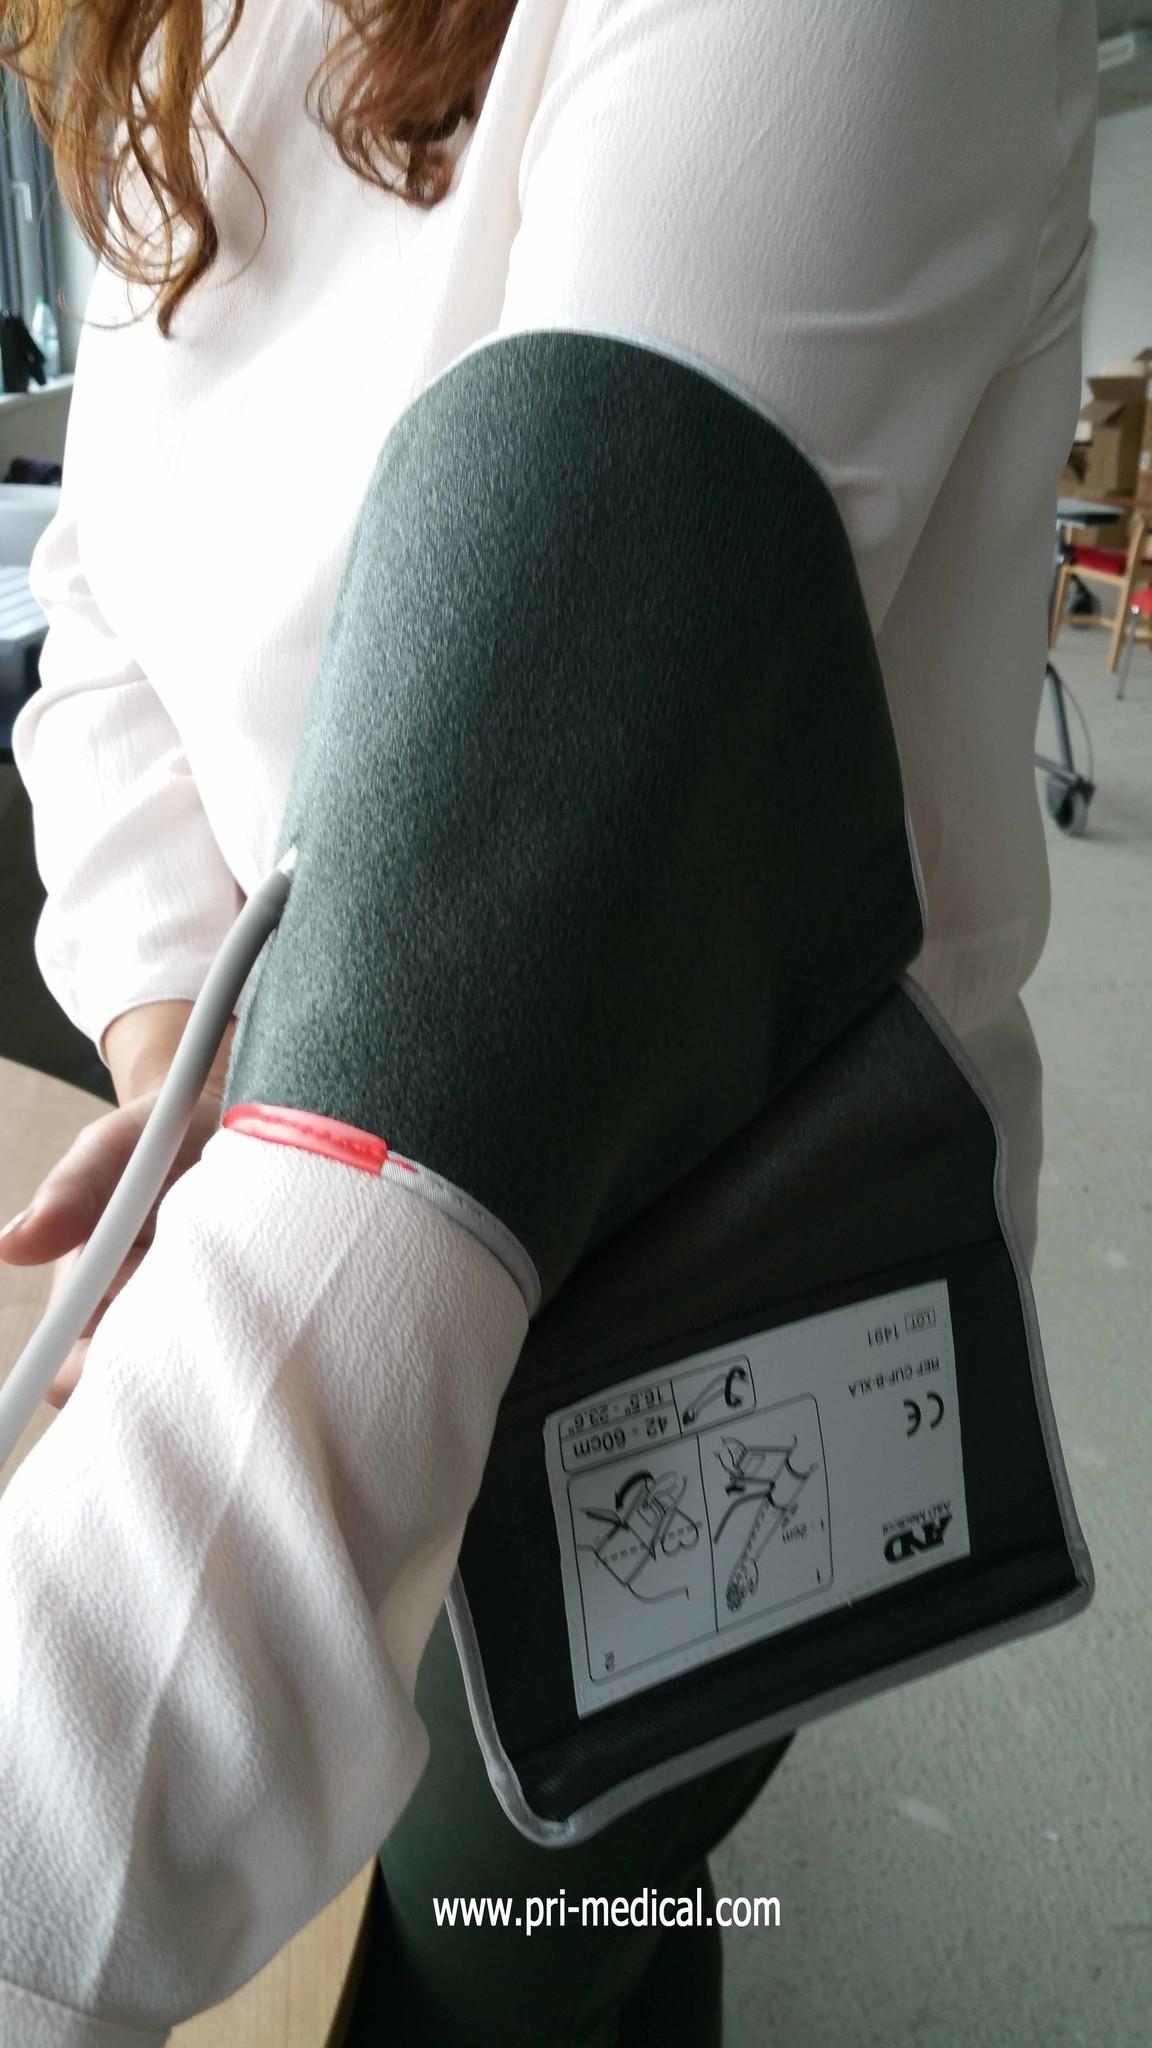 XXL Blutdruckmessgerät für adipöse Menschen mit konischer Manschette für einen Armumfang von 42-60cm